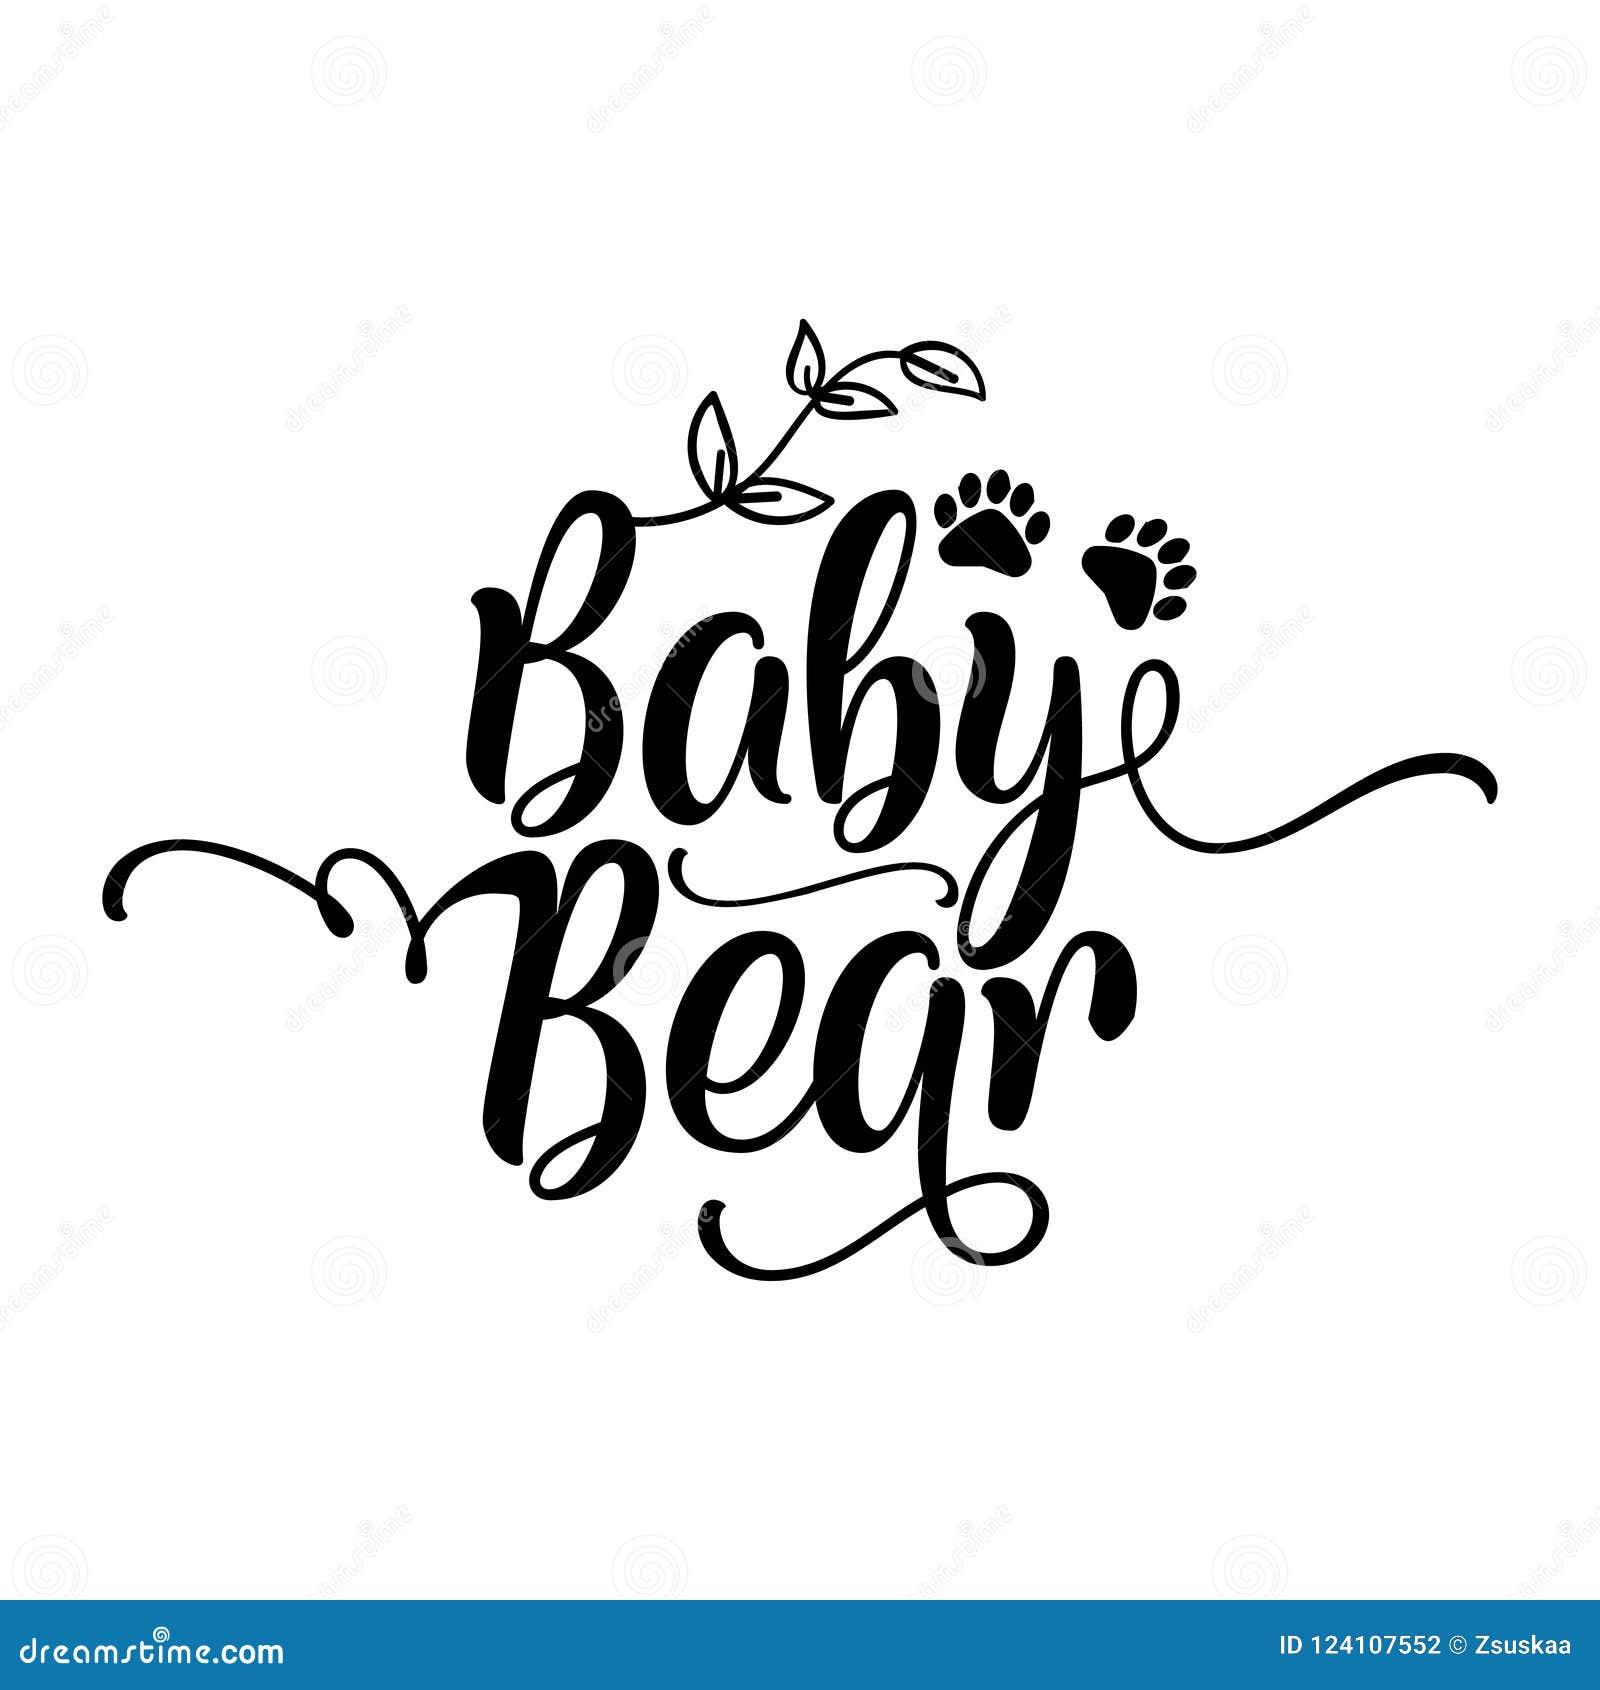 Το μωρό αντέχει - χειροποίητο διανυσματικό απόσπασμα καλλιγραφίας